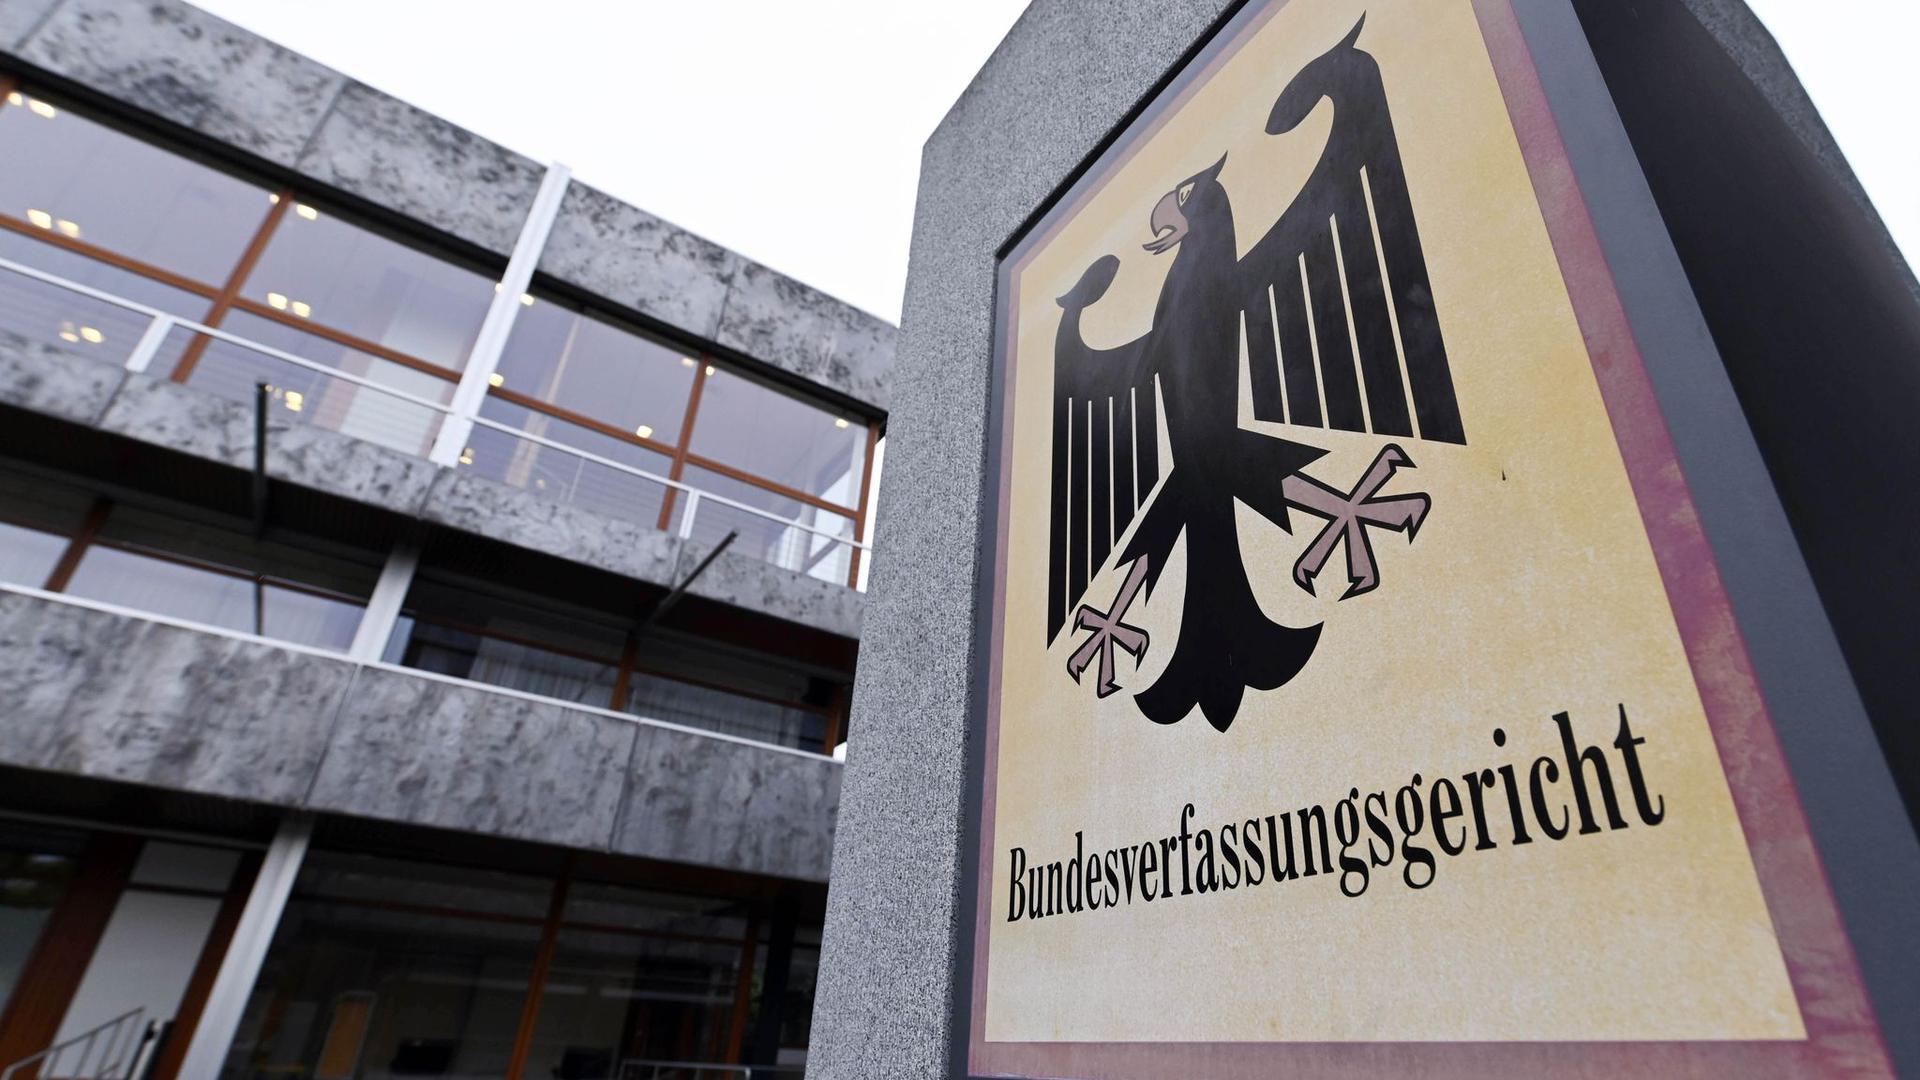 Bundesverfassungsgericht in Karlsruhe.  Die 1937 und 1944 geborenen Kläger sind nicht schwerkrank. Sie hatten ihren Sterbewunsch damit begründet, dass sie nicht erleben möchten, wie ihre Kräfte nachlassen.